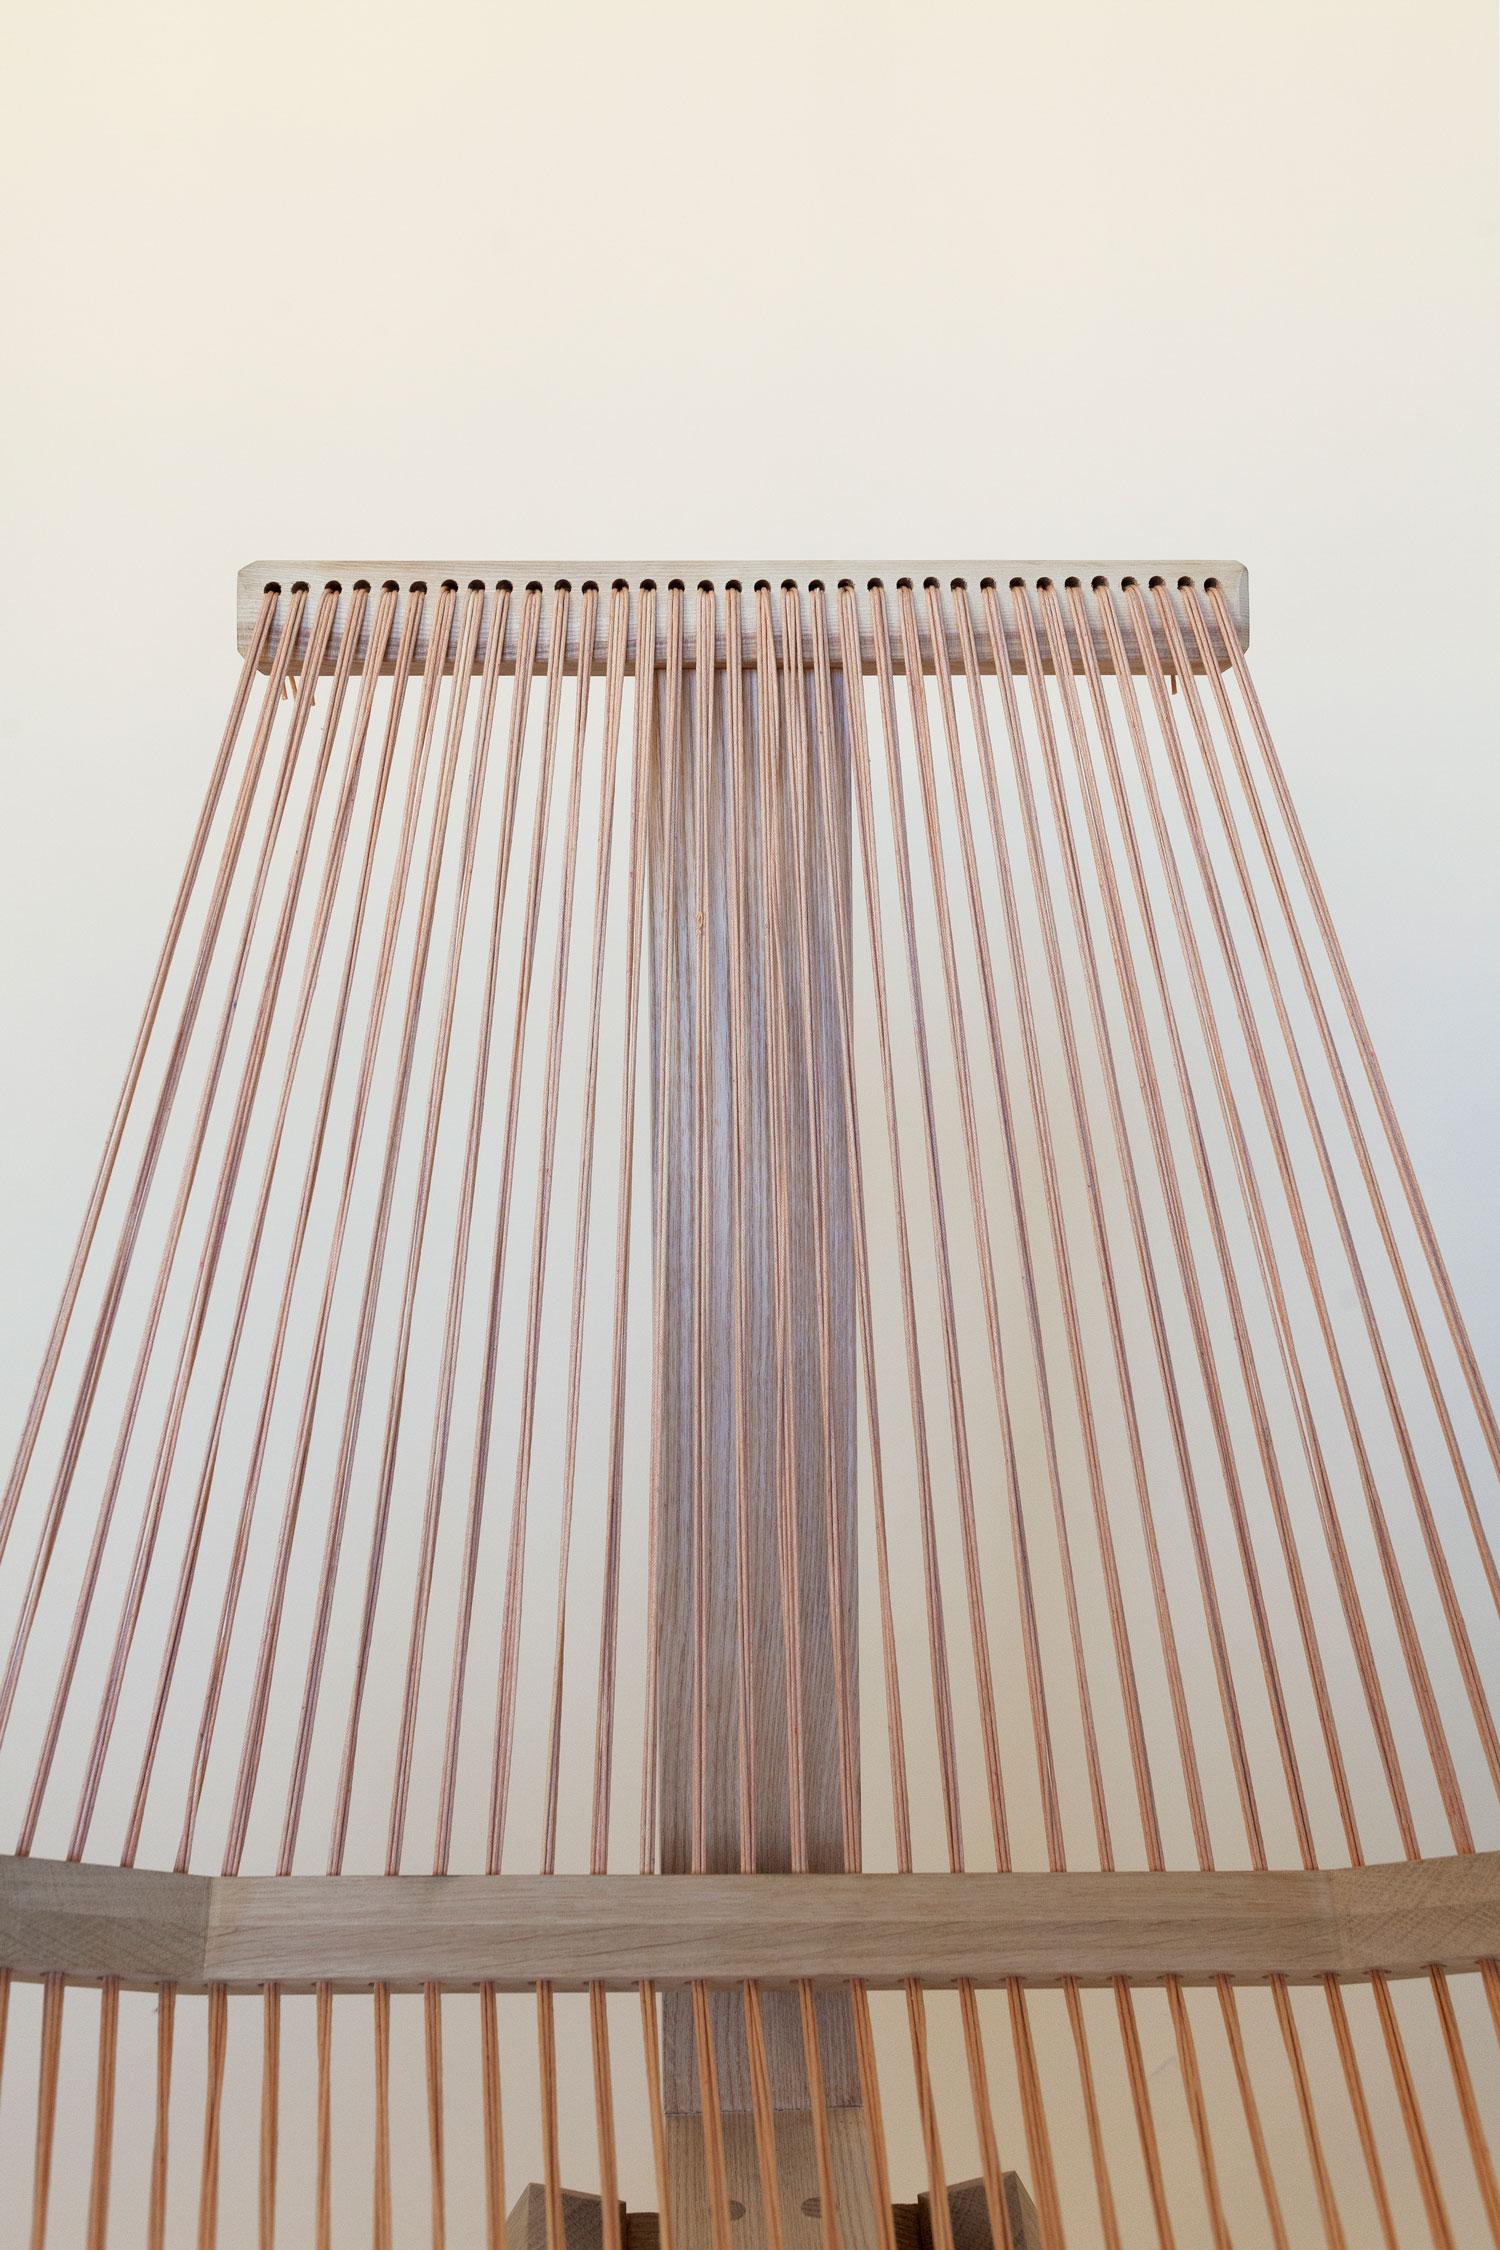 Den smukke Edith chair Sand fremstår i al sin enkelhed smuk men også ærlig, fordi intet element i konstruktion er gemt væk. Det er således muligt at studere stolen og dens opbygning. Trækonstruktionen er fremstillet af dansk ask samt et sæde, som er trådet med snørre af vokset bomuld. Trådene kan justeres med opstrammeren, som er placeret på bagsiden af stolen, hvor det er muligt at justere siddekomfort. Opstrammeren har derudover den funktion, at man undgår som på visse andre trådet stole, at snorene med tiden bliver slappe eller løsere.